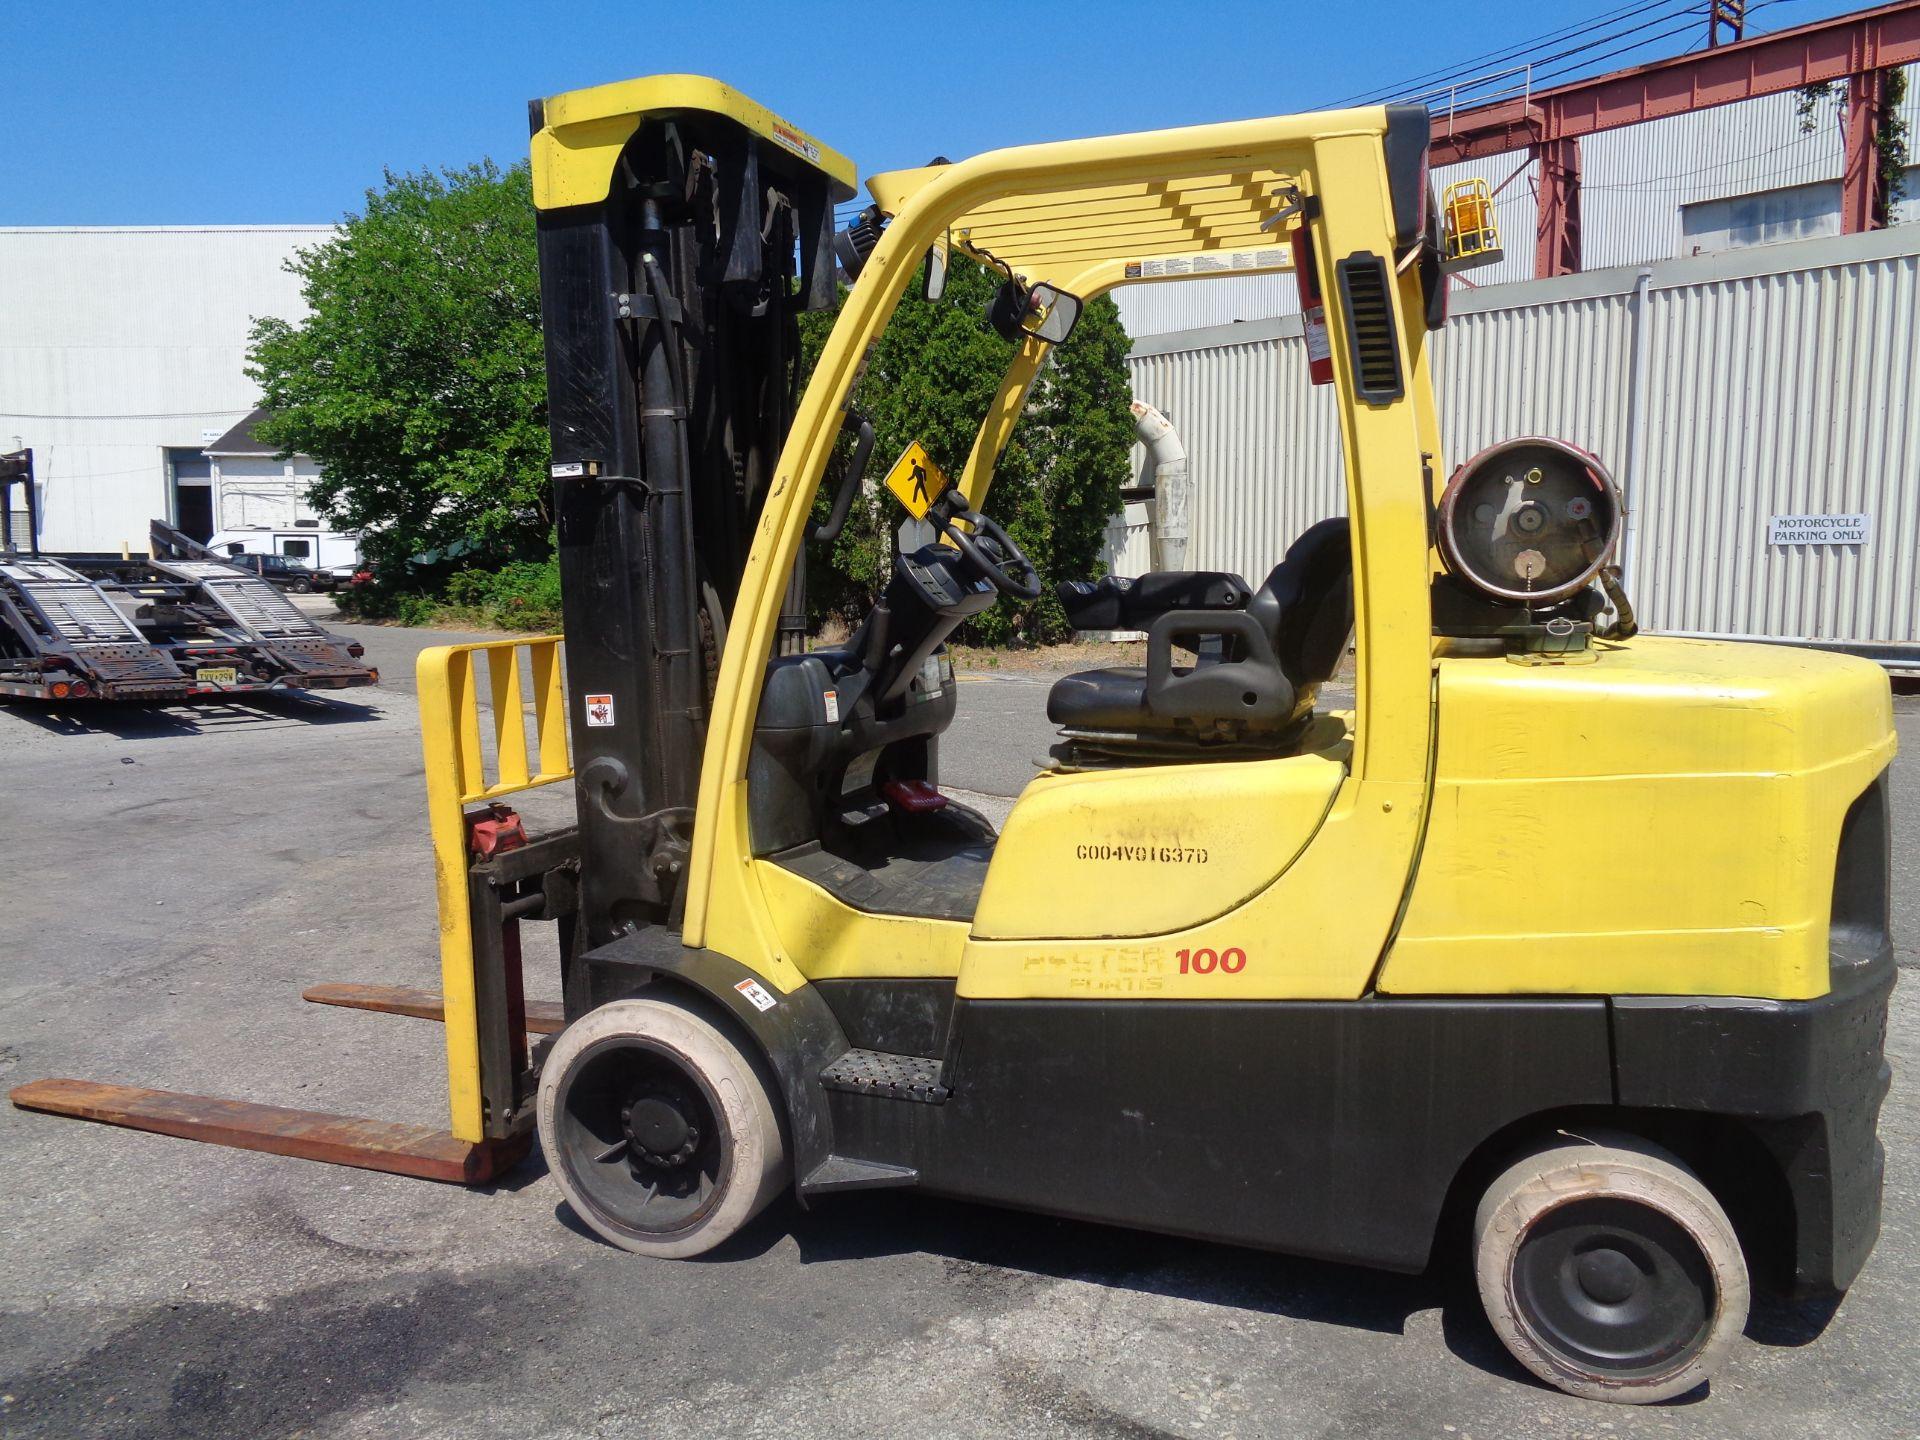 Hyster S100FT 10,000lb Forklift - Image 4 of 17